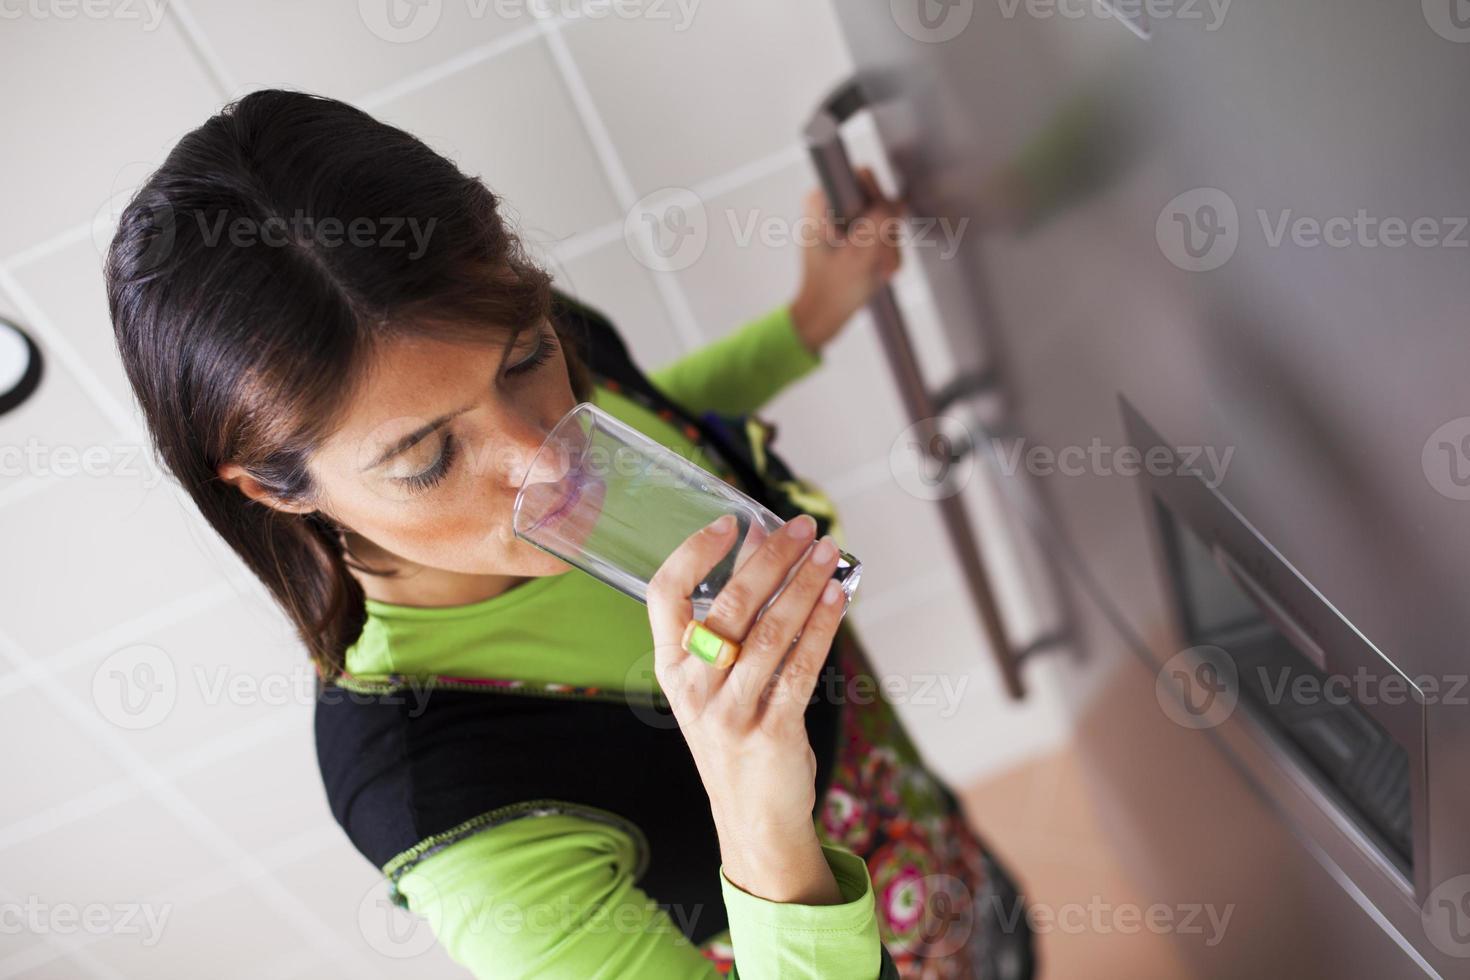 mulher bebendo água fresca foto